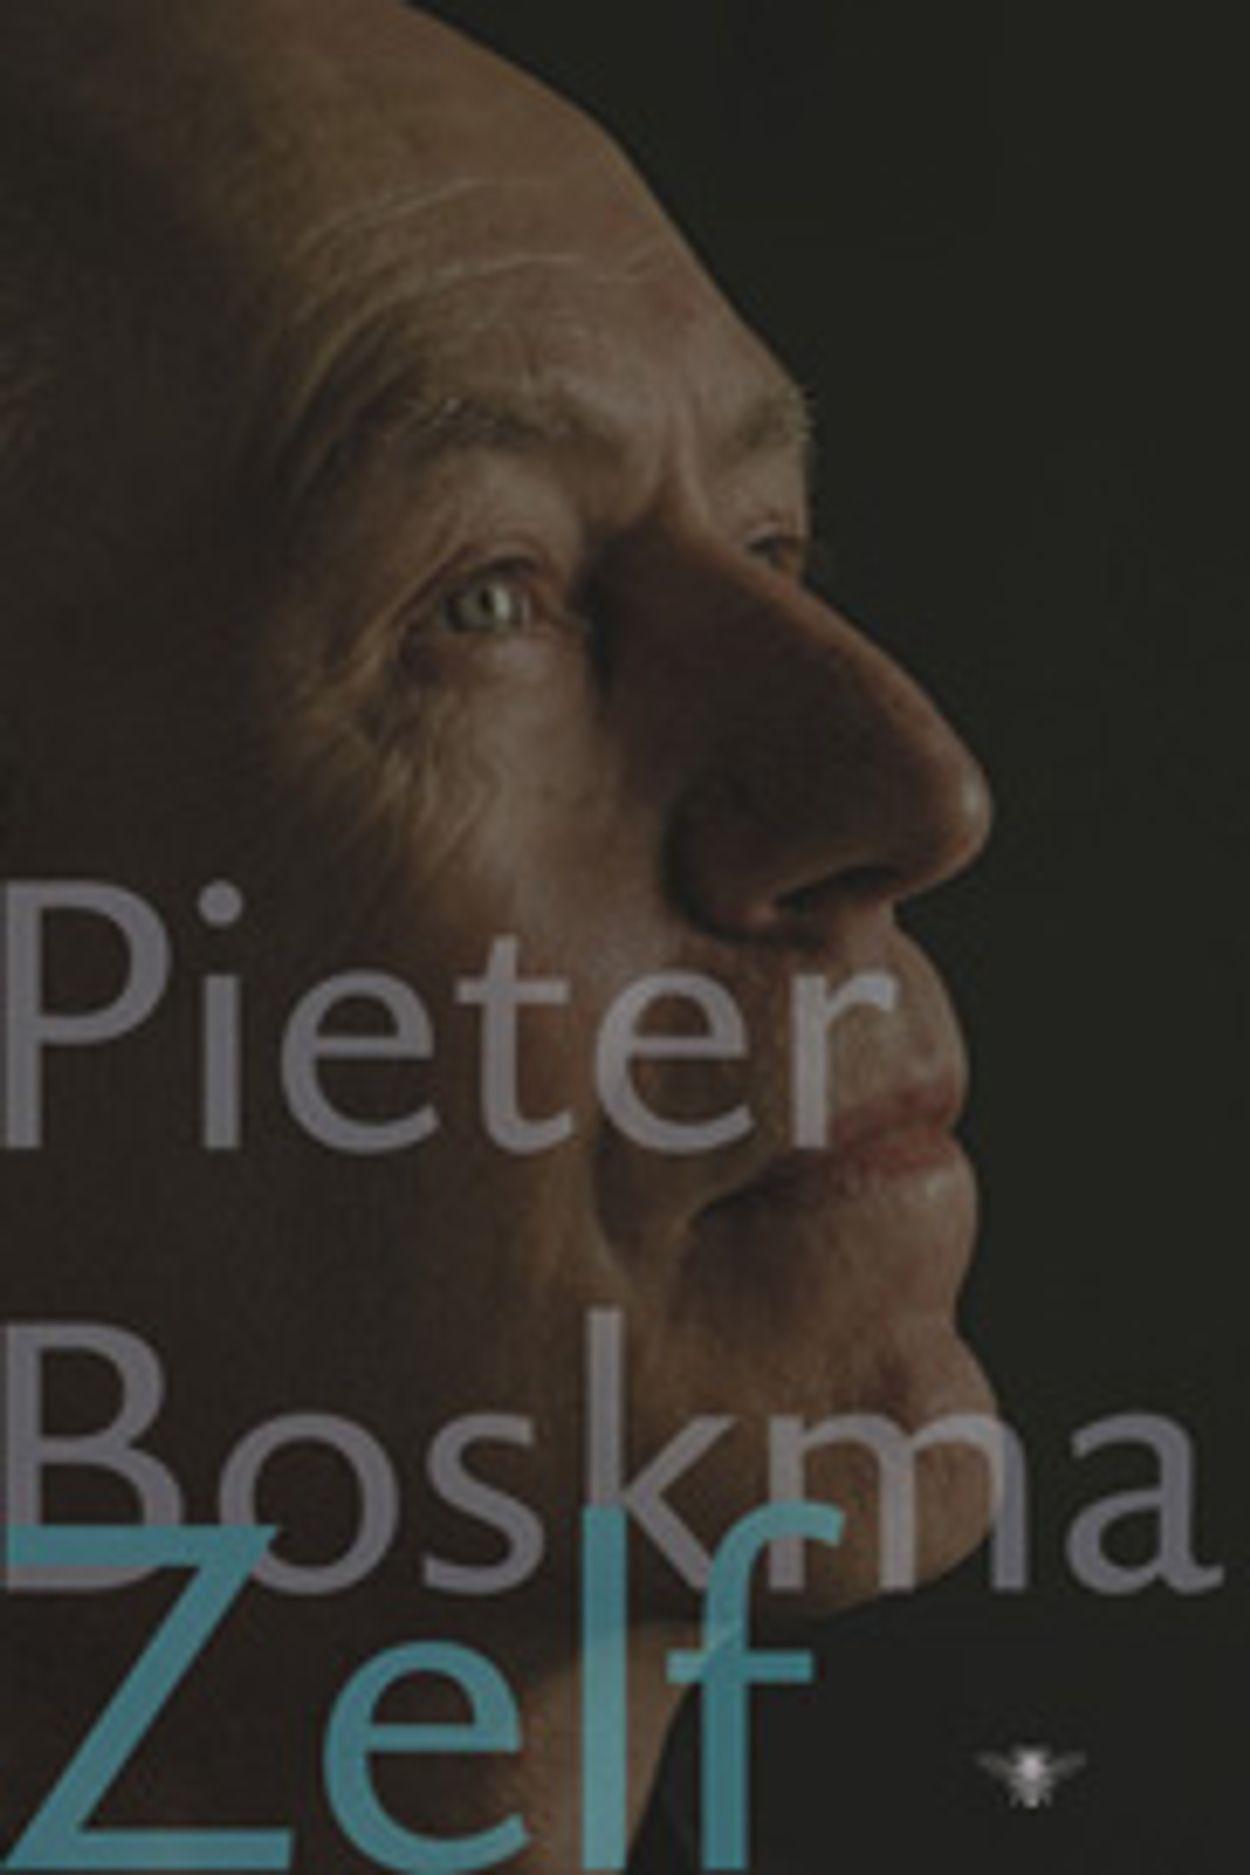 Afbeelding van Vijfde boek: Zelf - Pieter Boskma